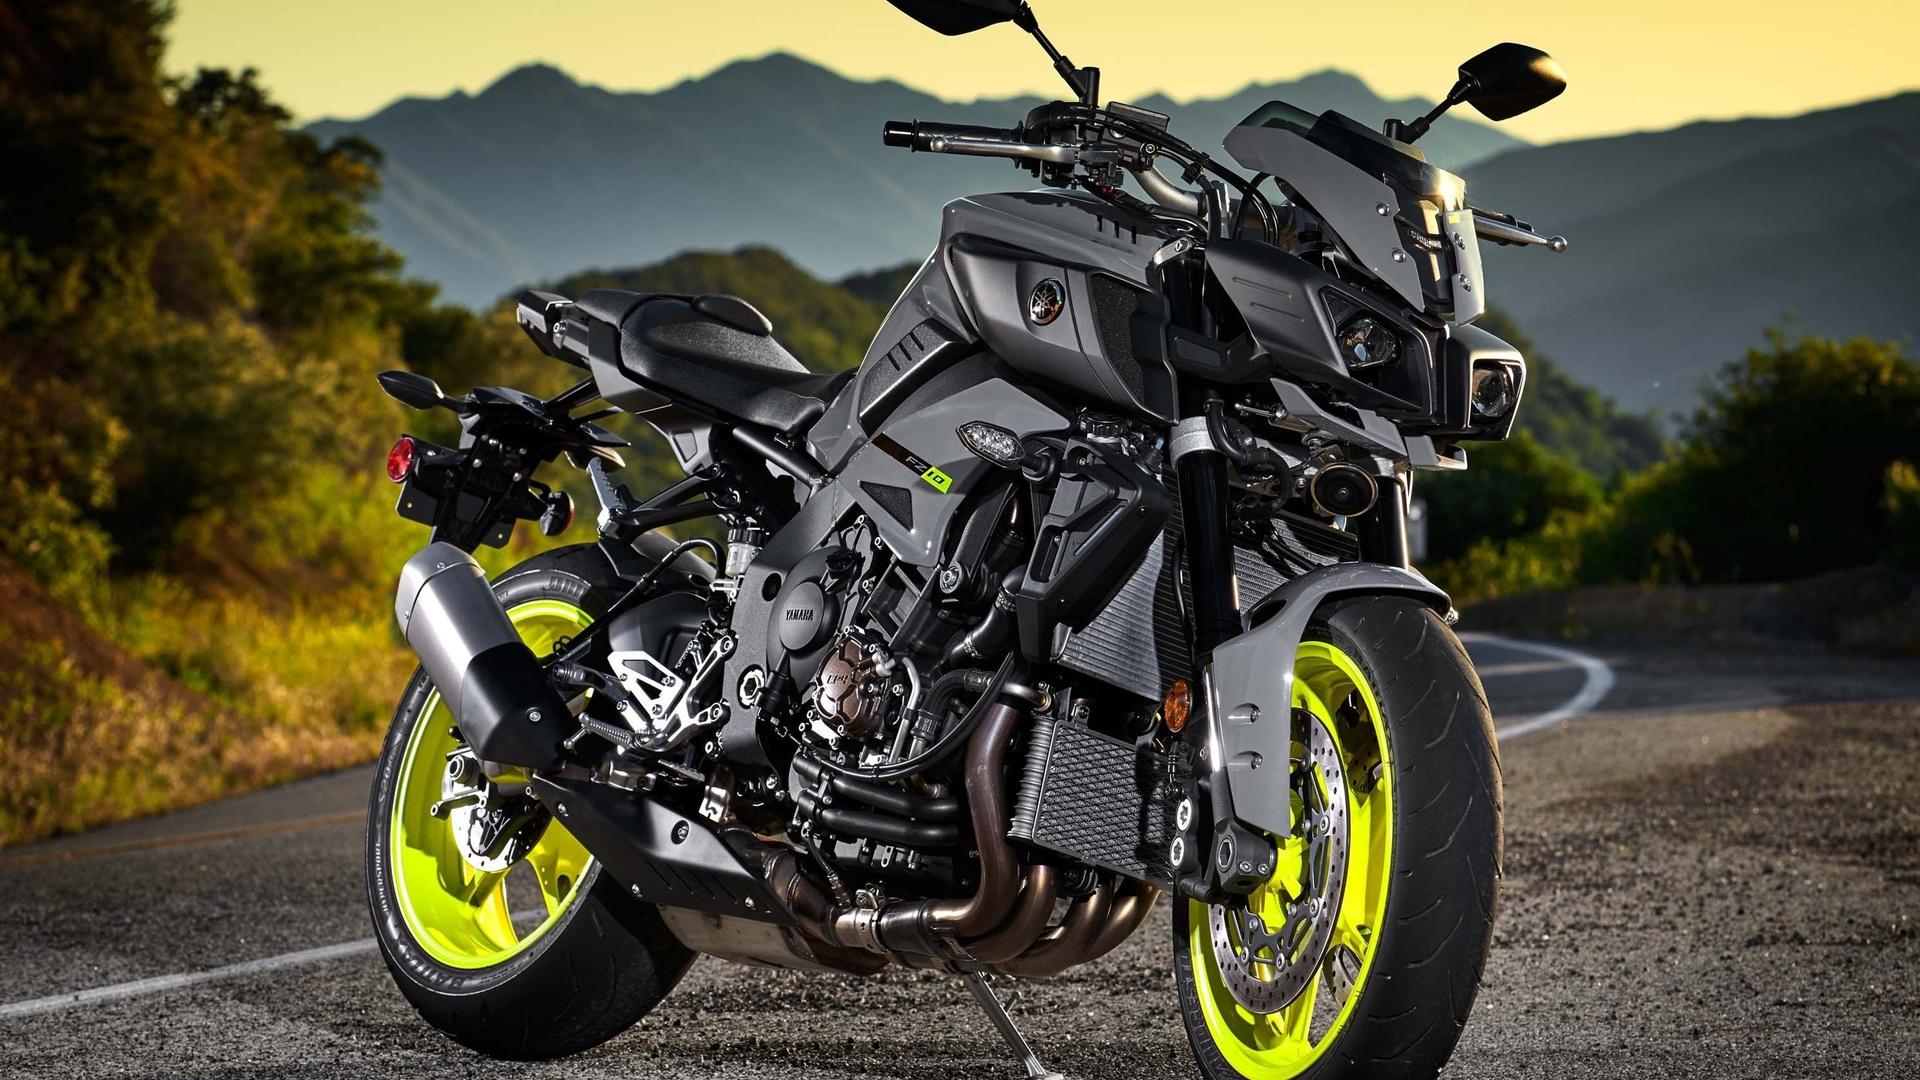 красивые фотографии мотоциклов один